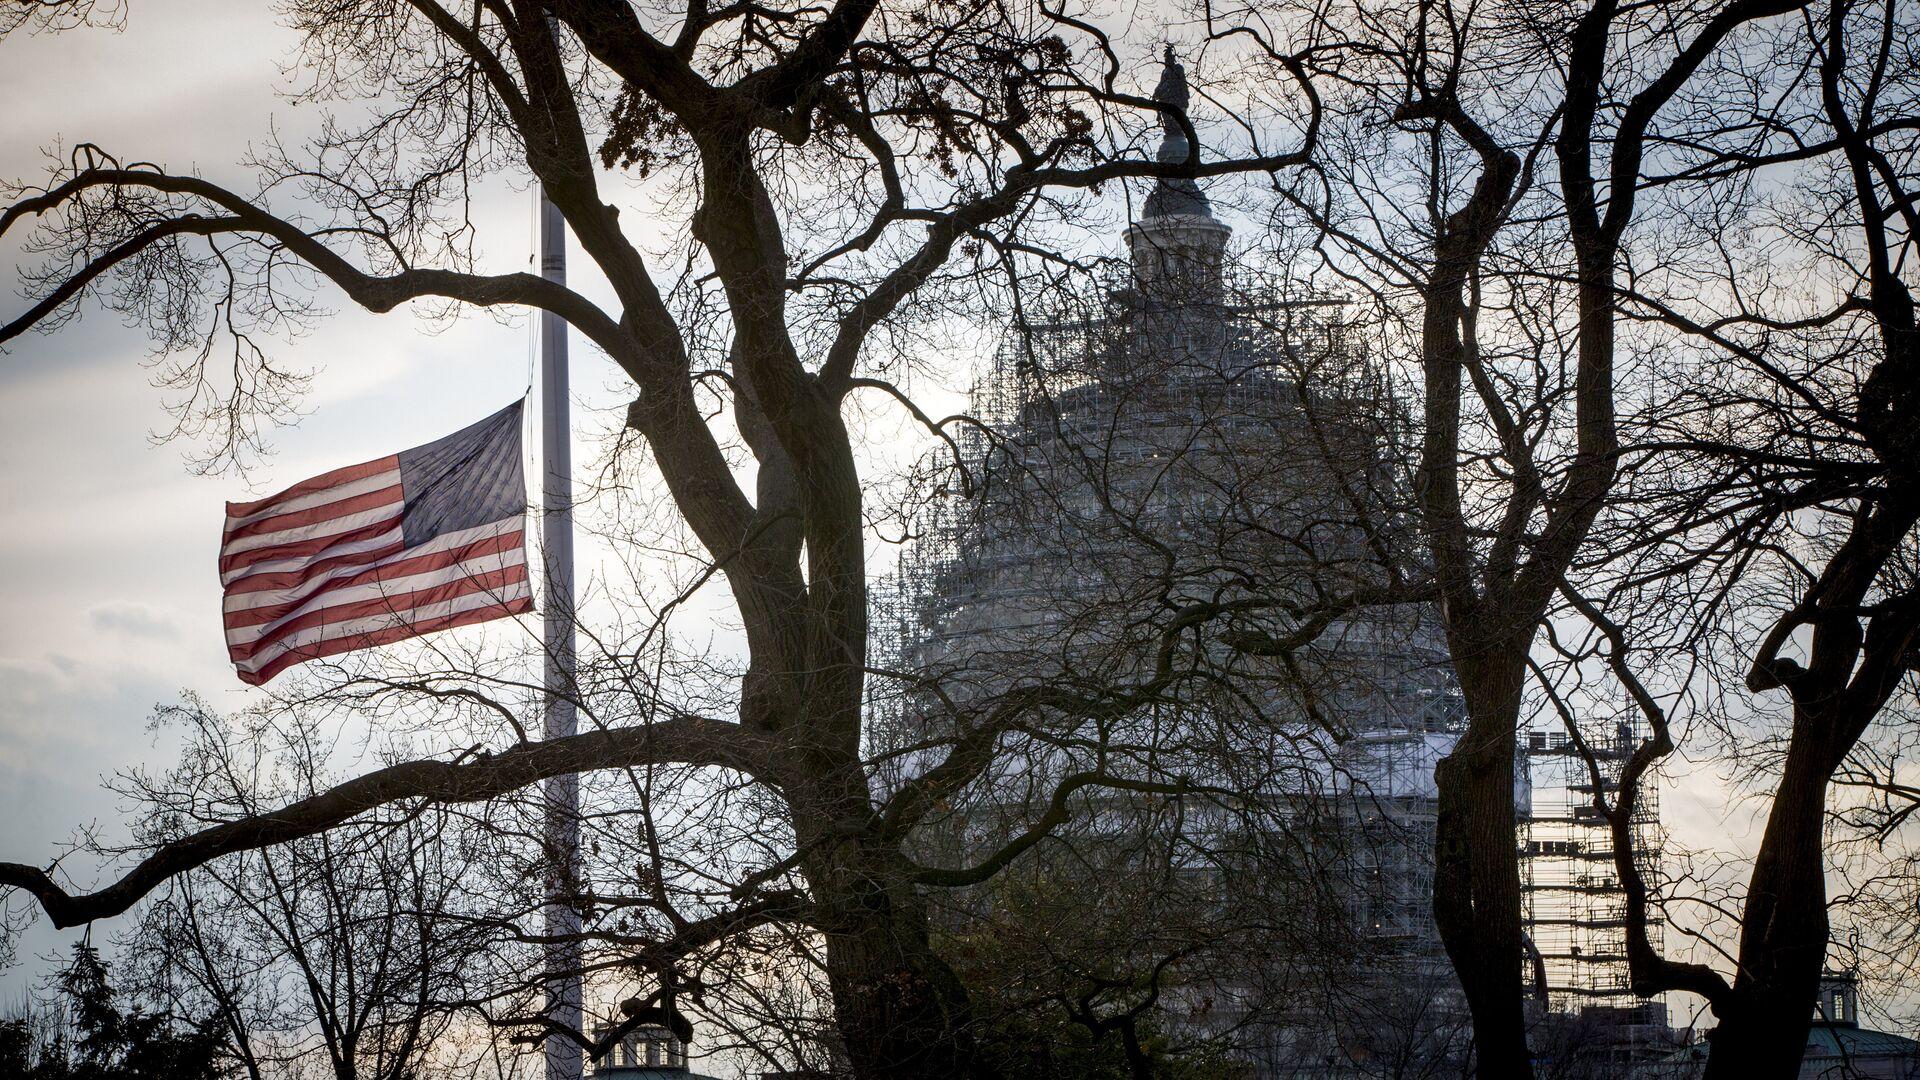 Американский флаг перед Капитолием в Вашингтоне - РИА Новости, 1920, 28.10.2020